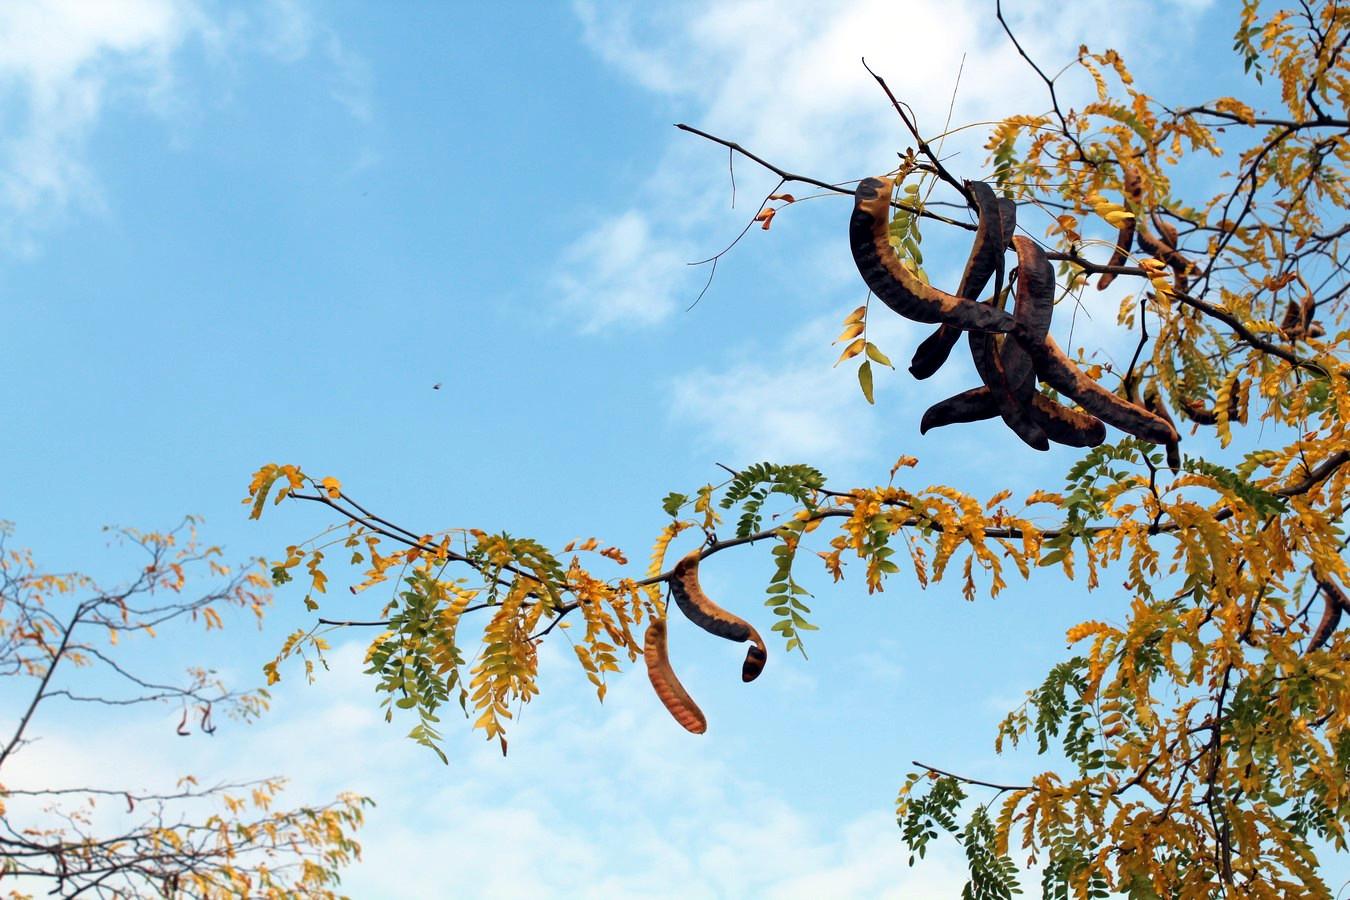 [Fil ouvert] Fruit sur l'arbre - Page 9 653423095Copier